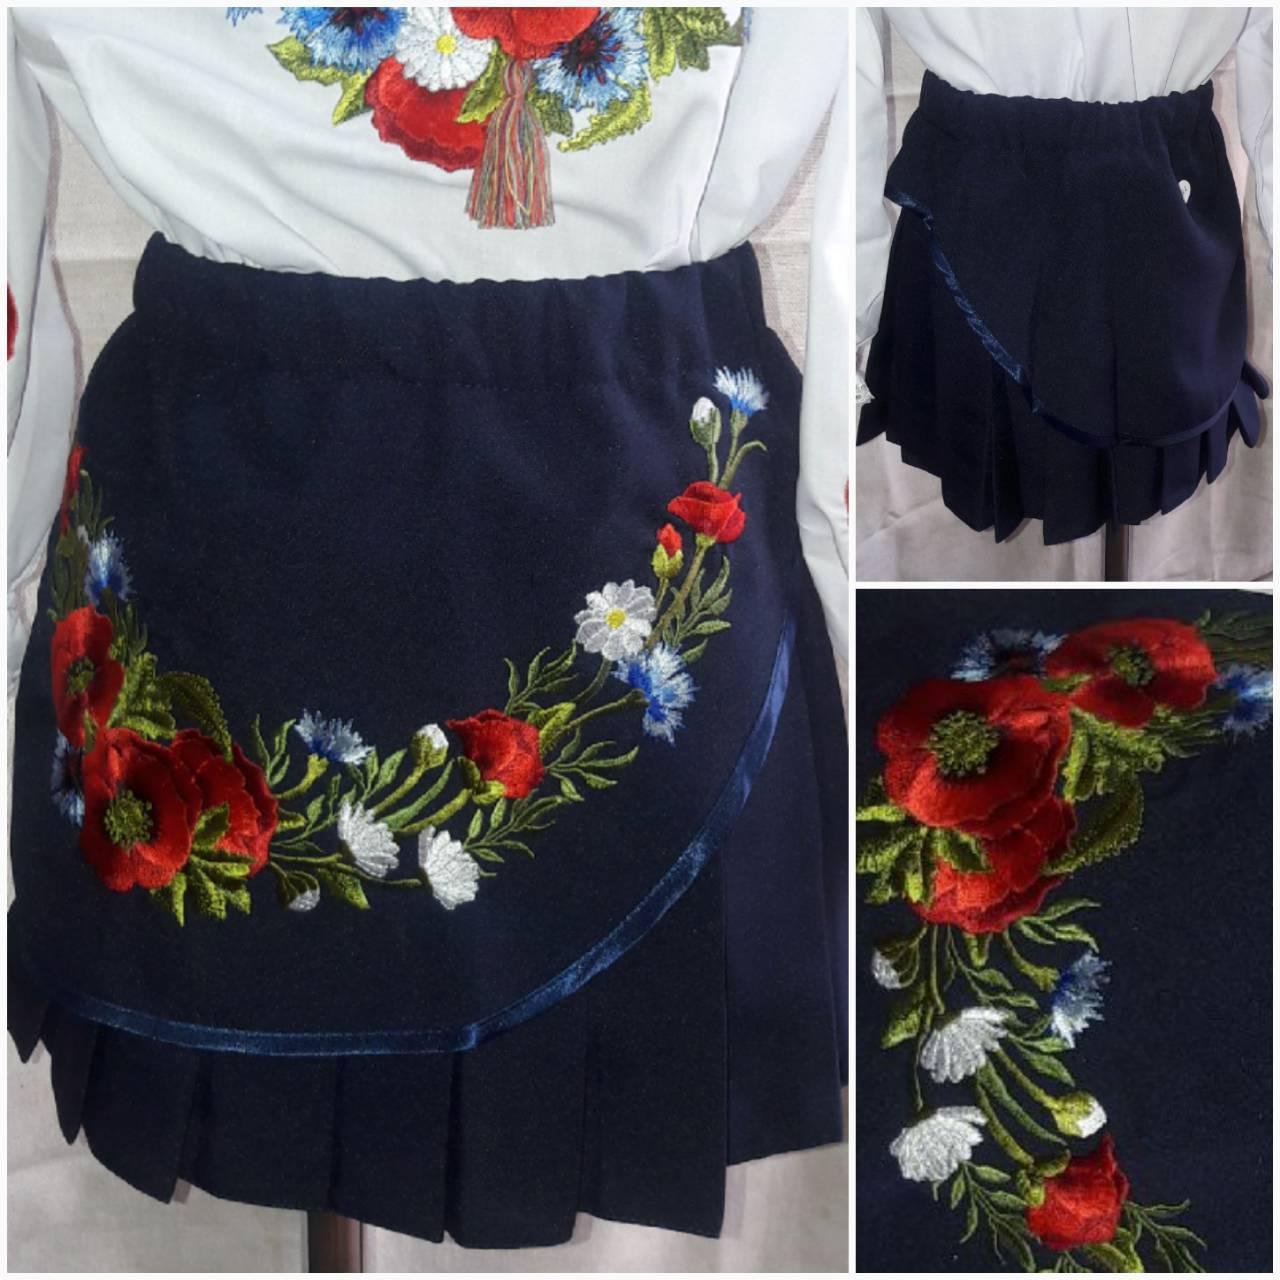 Детская юбка с вышивкой, темно синего цвета, рост 116-146 см., 190/155 (цена за 1 шт. + 35 гр.)